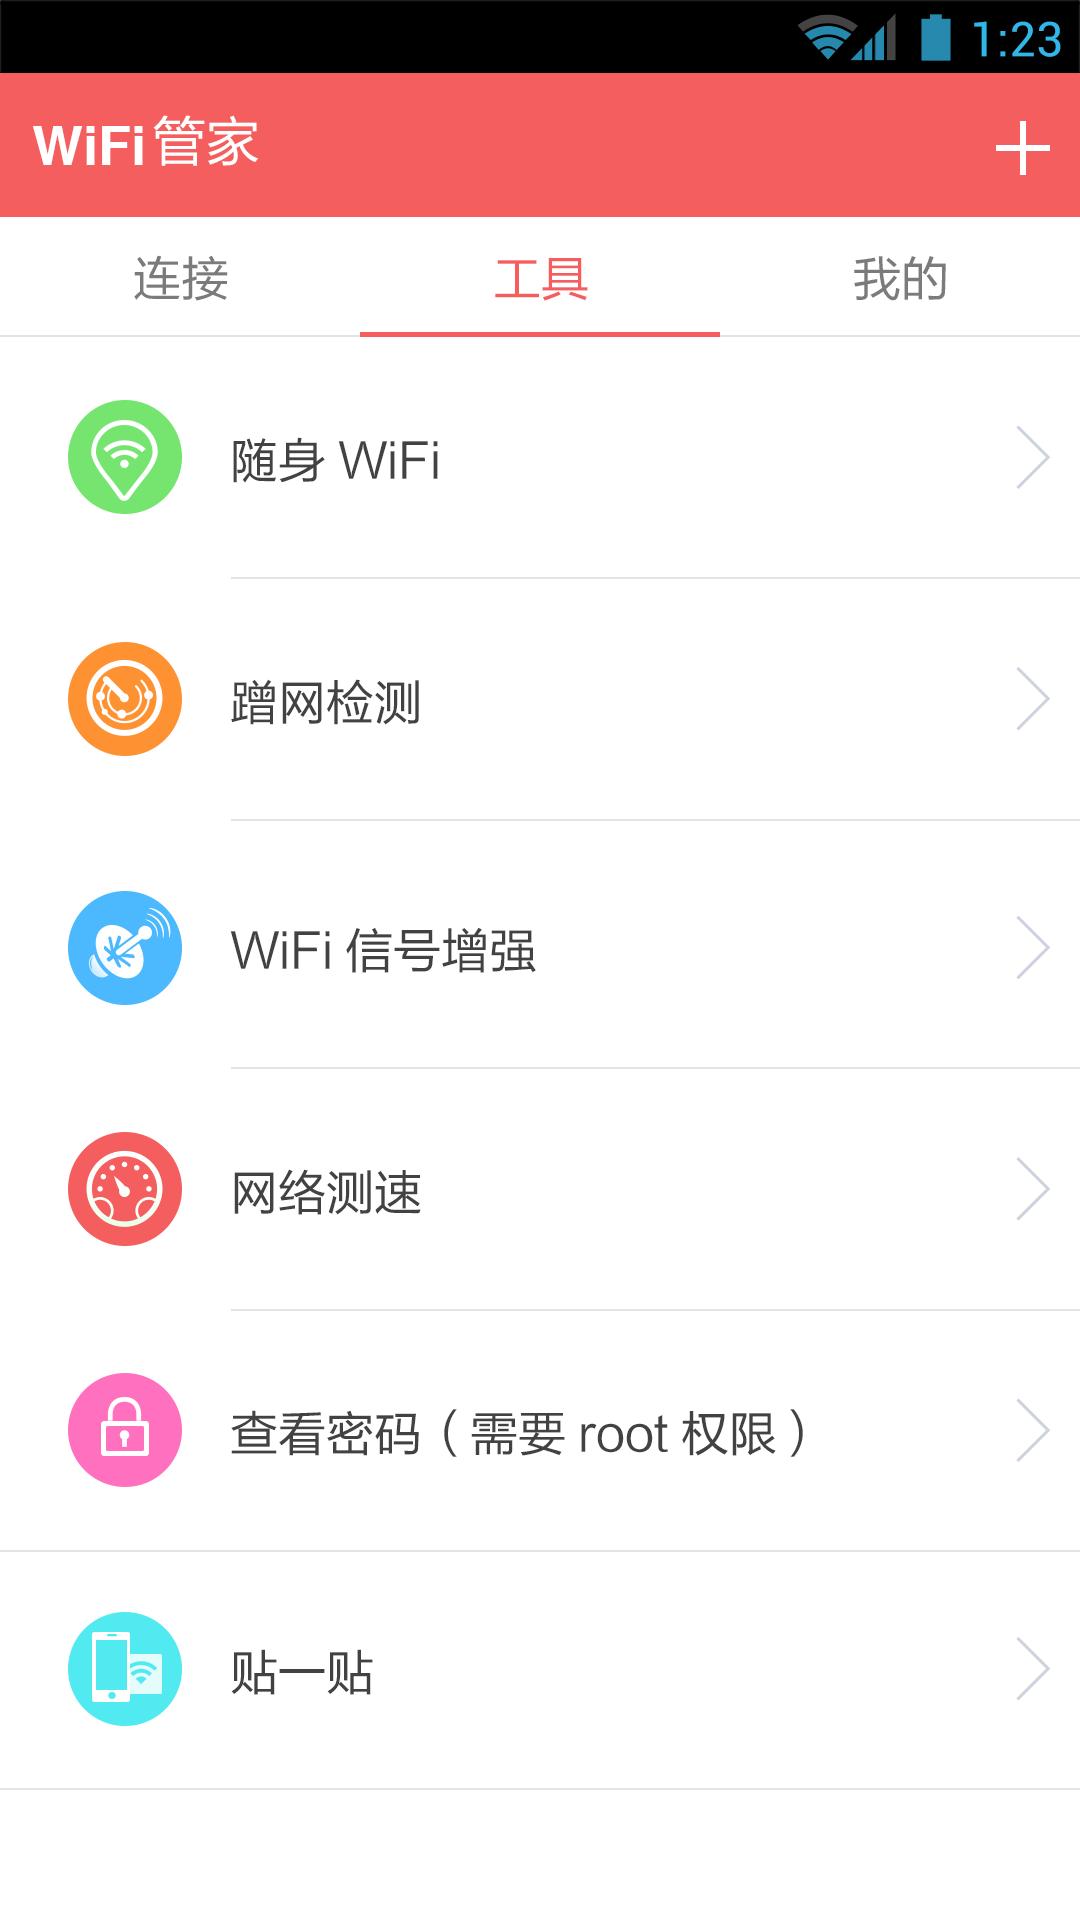 WiFi管家